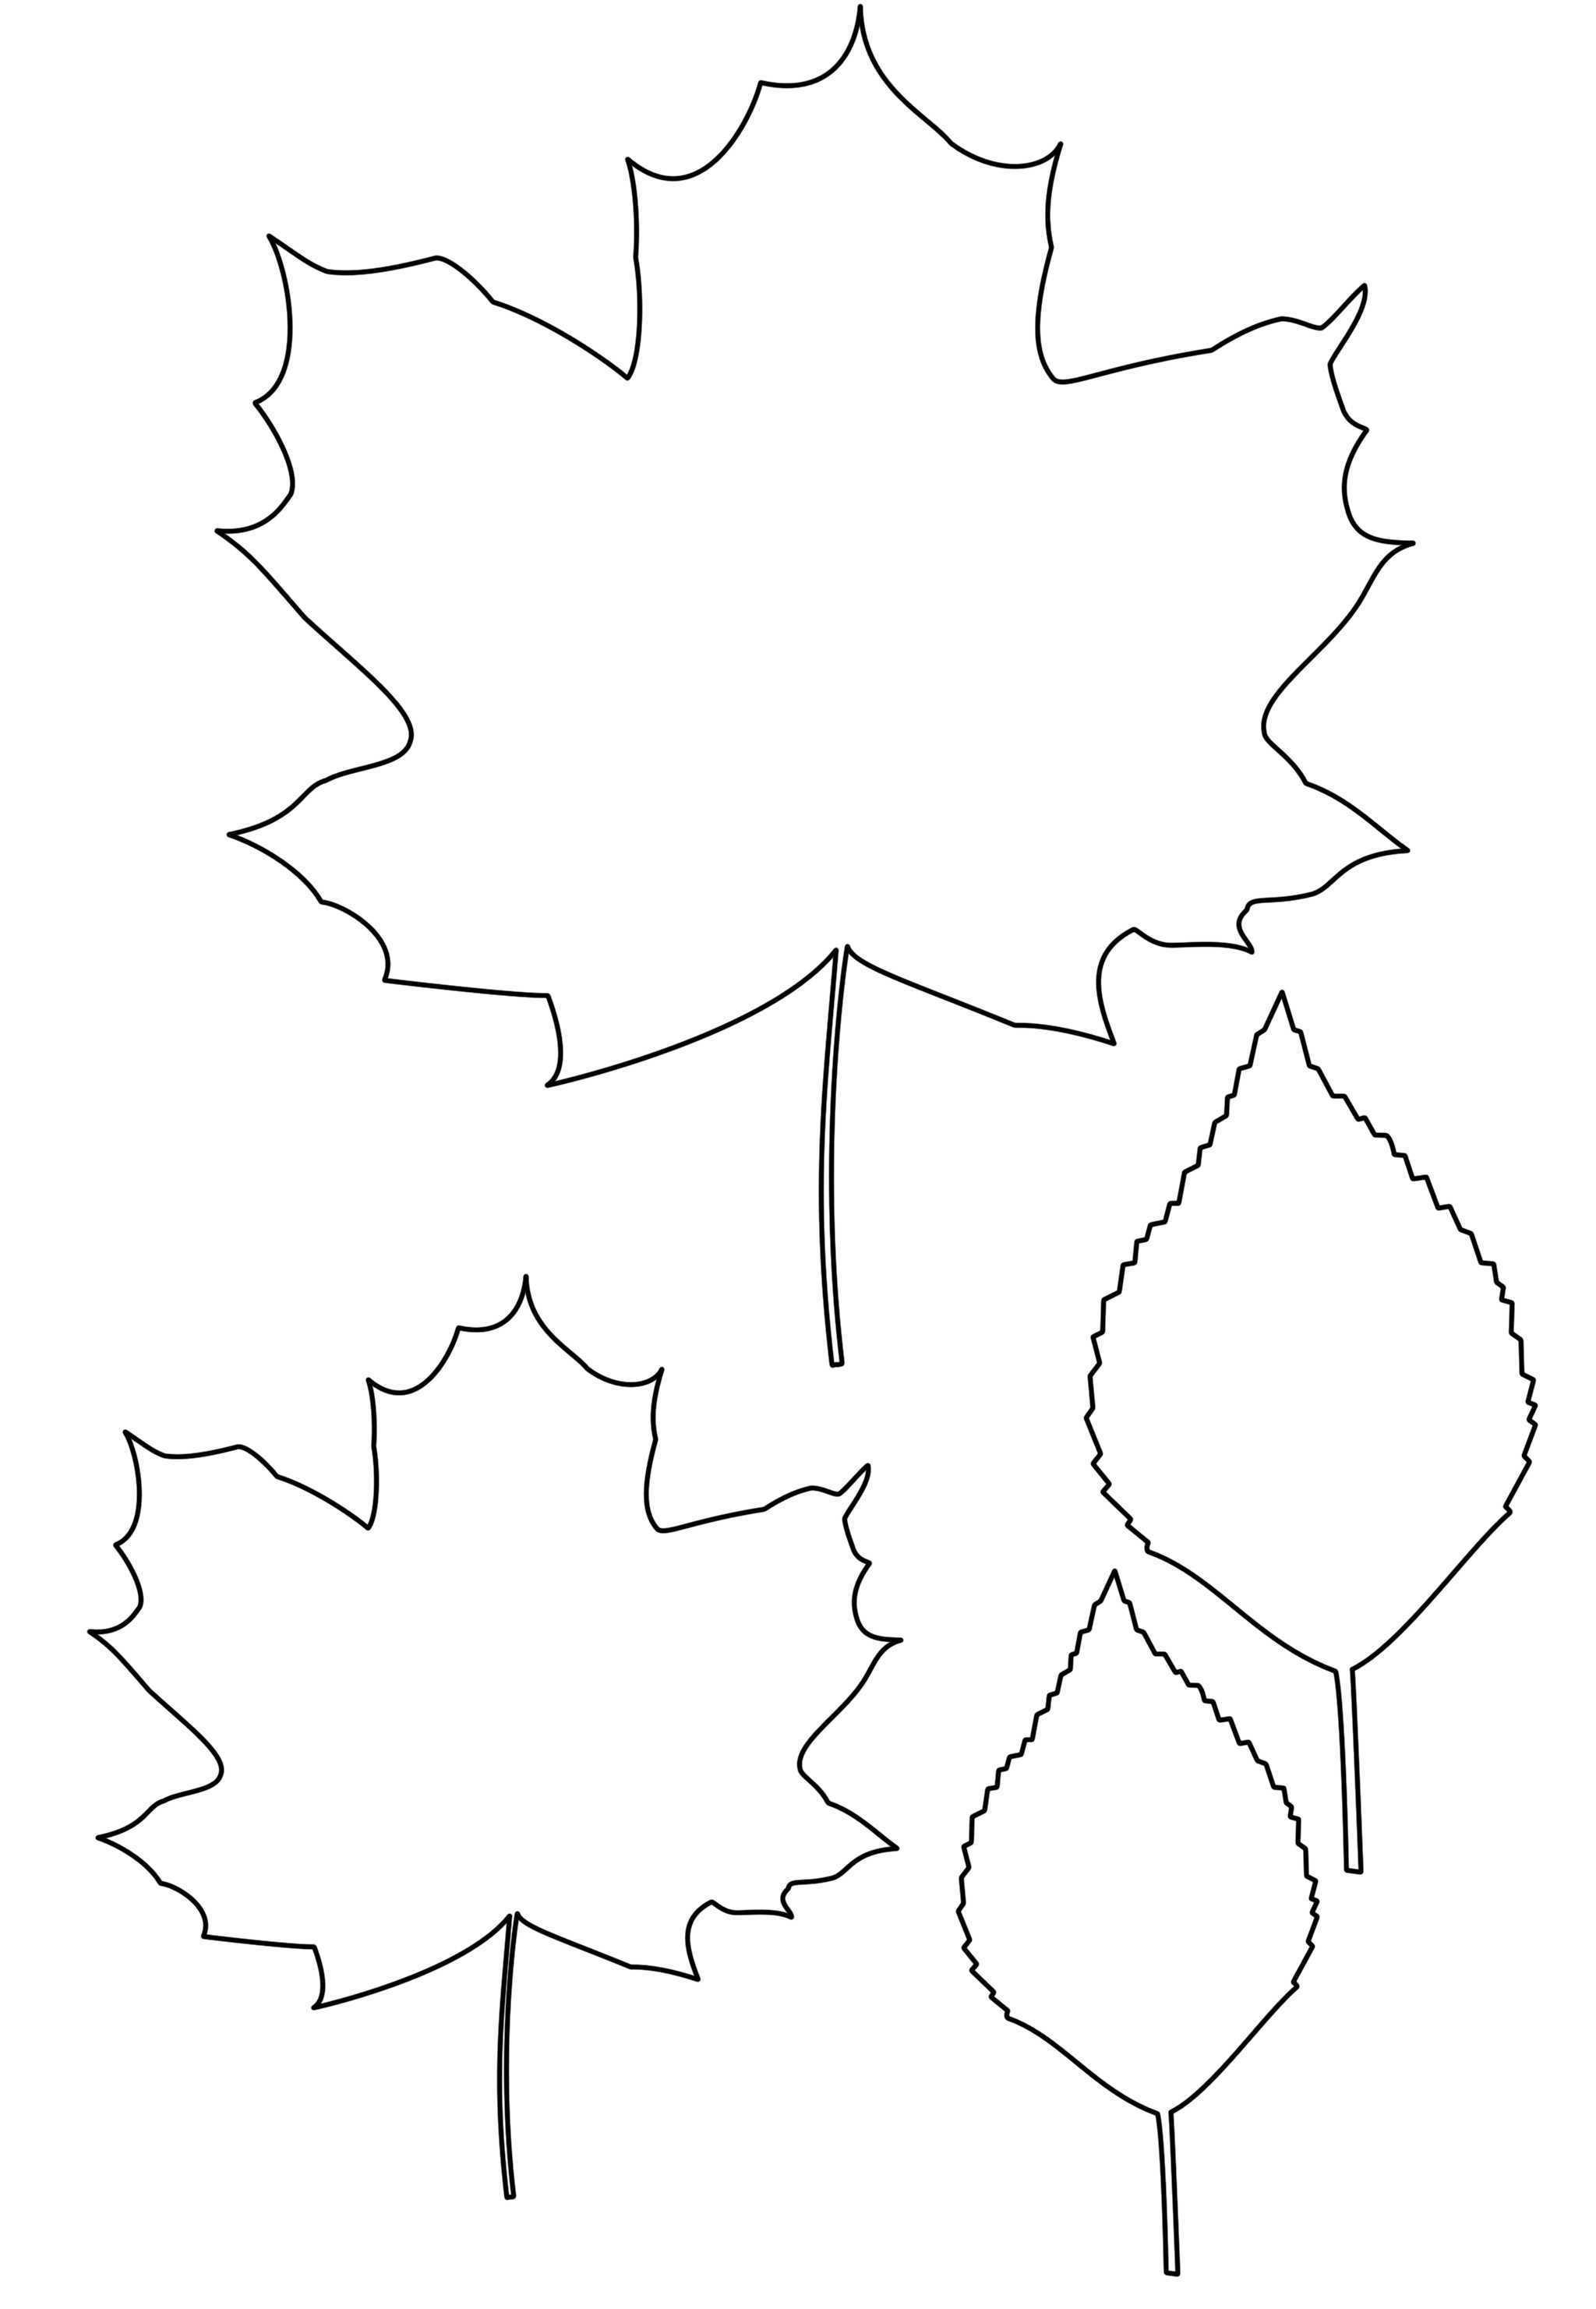 находится картинка трафарета листочками ходневич был обучен